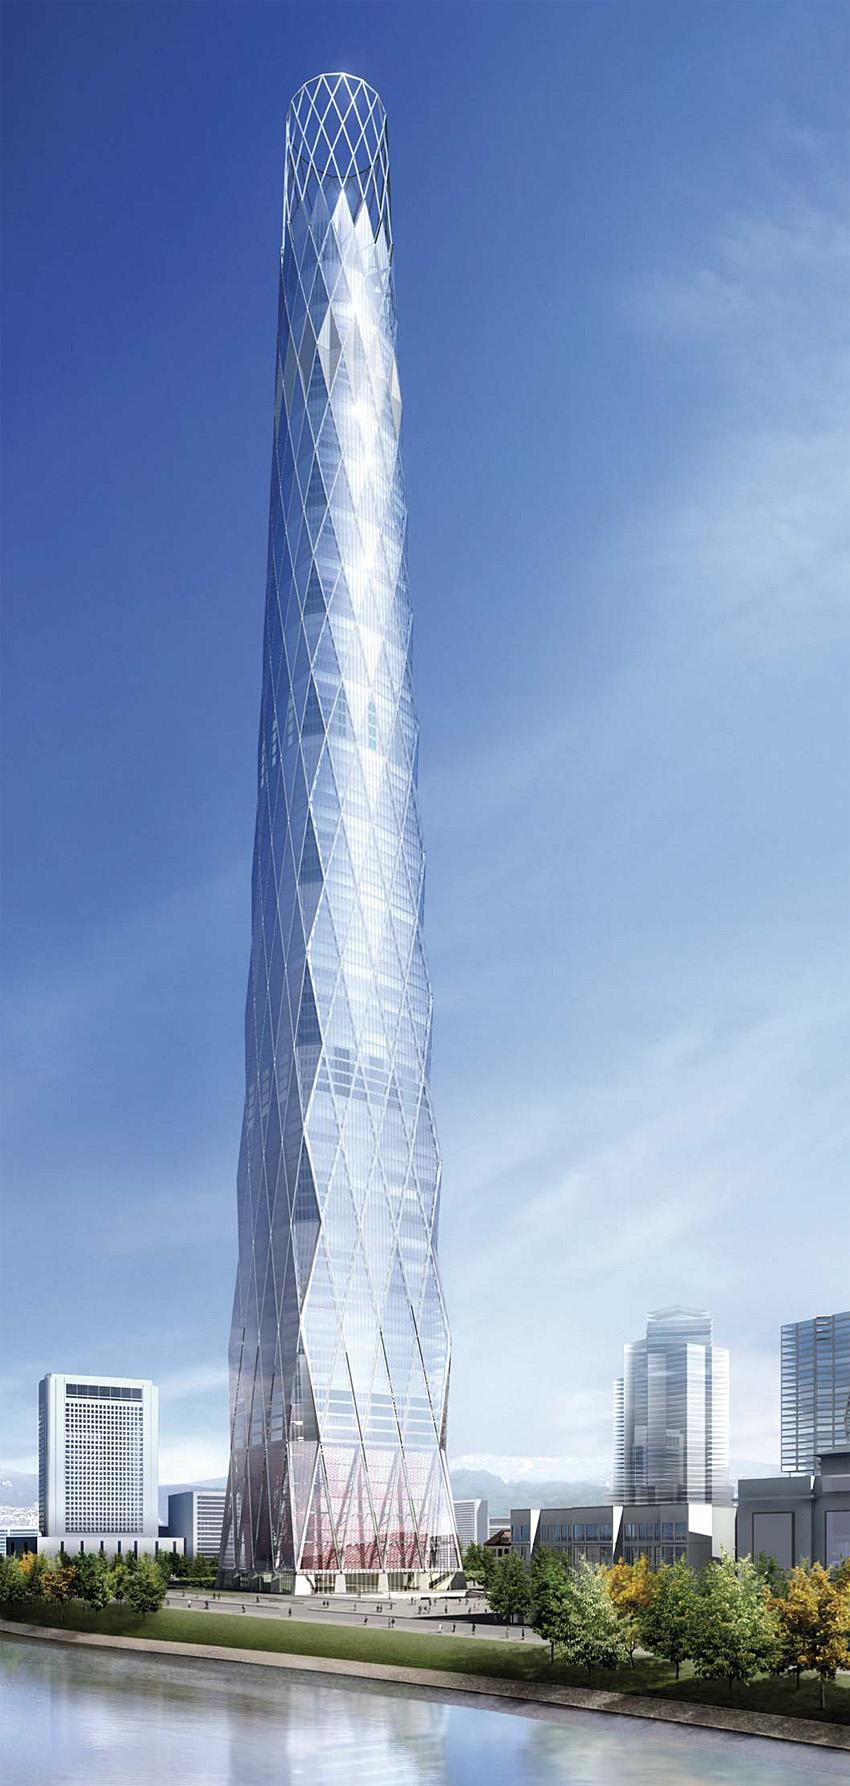 torre rossia tiene m de altura esta en moscu russia y la diseo el arquitecto foster partners este es el edificio mas alto de russia de europa y de